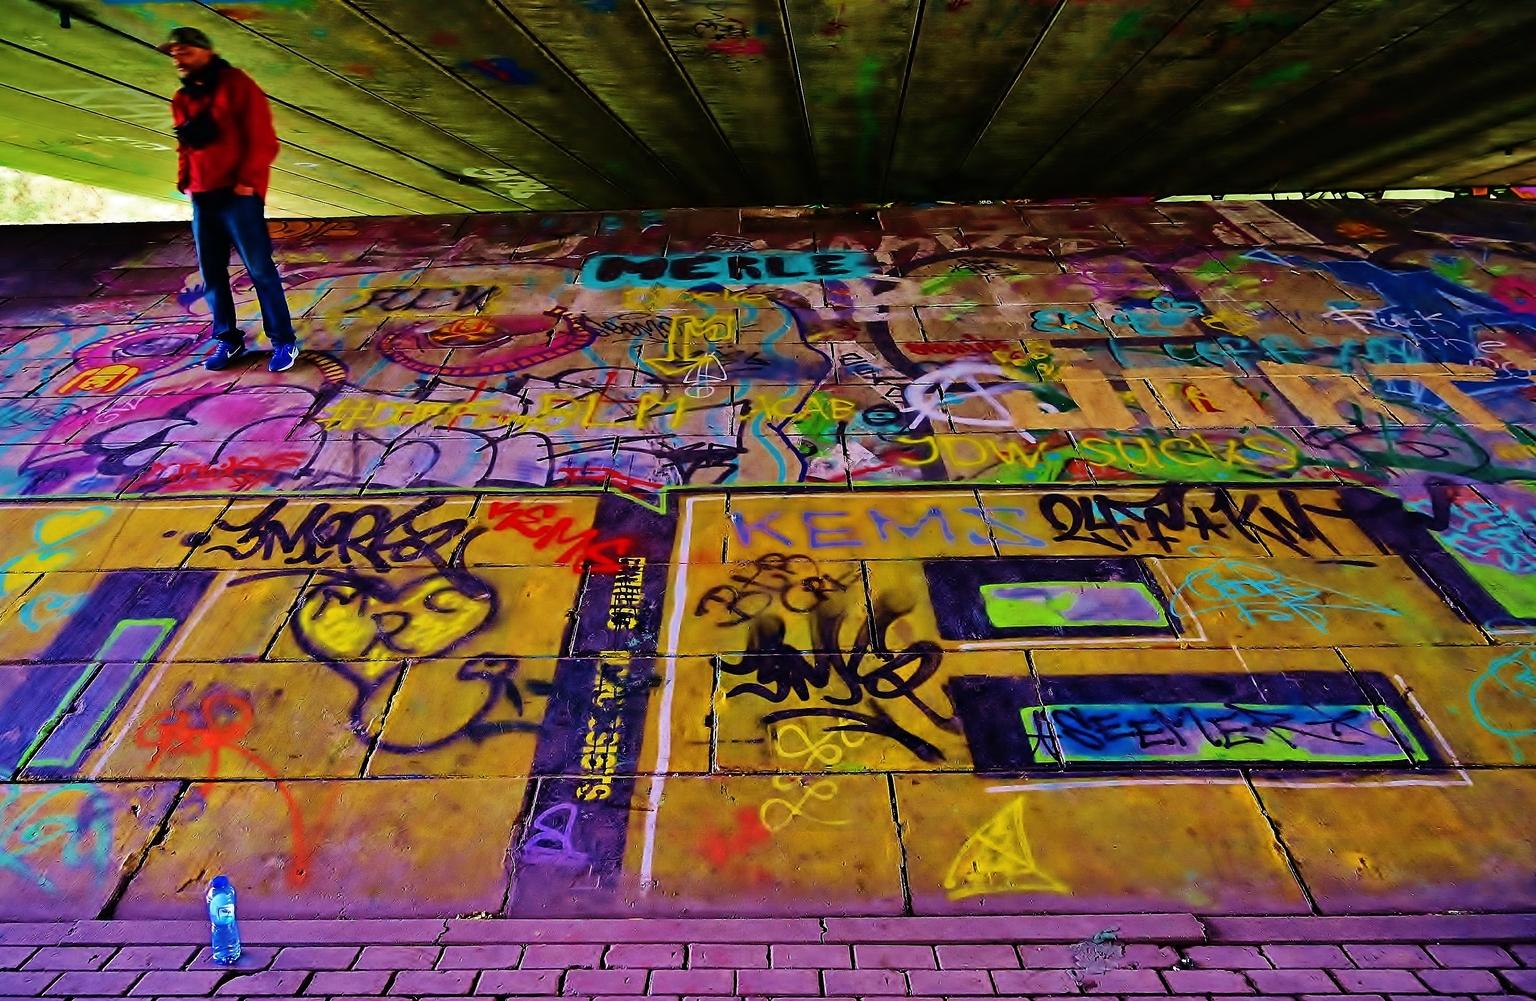 Fascination Art ... - ..... N3 Viaduct / Dordrecht - foto door f.arts1 op 16-04-2021 - locatie: Wantijdijk, Dordrecht, Nederland - deze foto bevat: wereld, licht, groen, geel, weg oppervlak, kunst, lettertype, graffiti, openbare ruimte, lijn